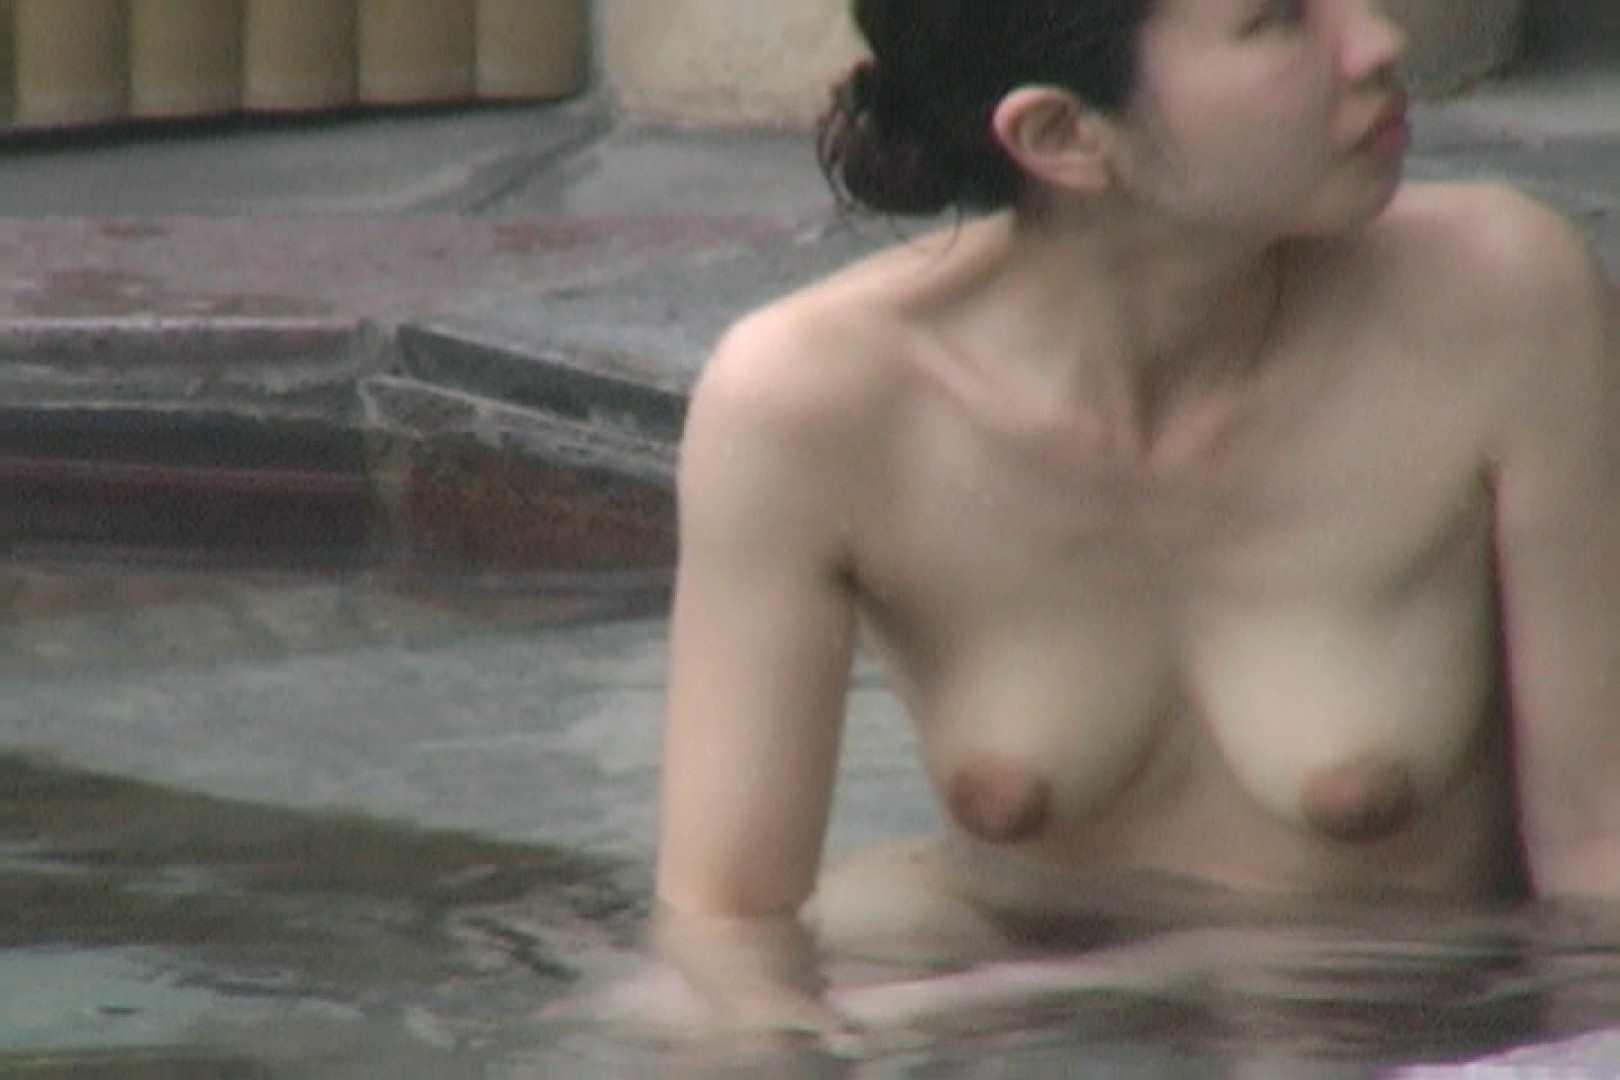 Aquaな露天風呂Vol.642 美しいOLの裸体  86pic 66